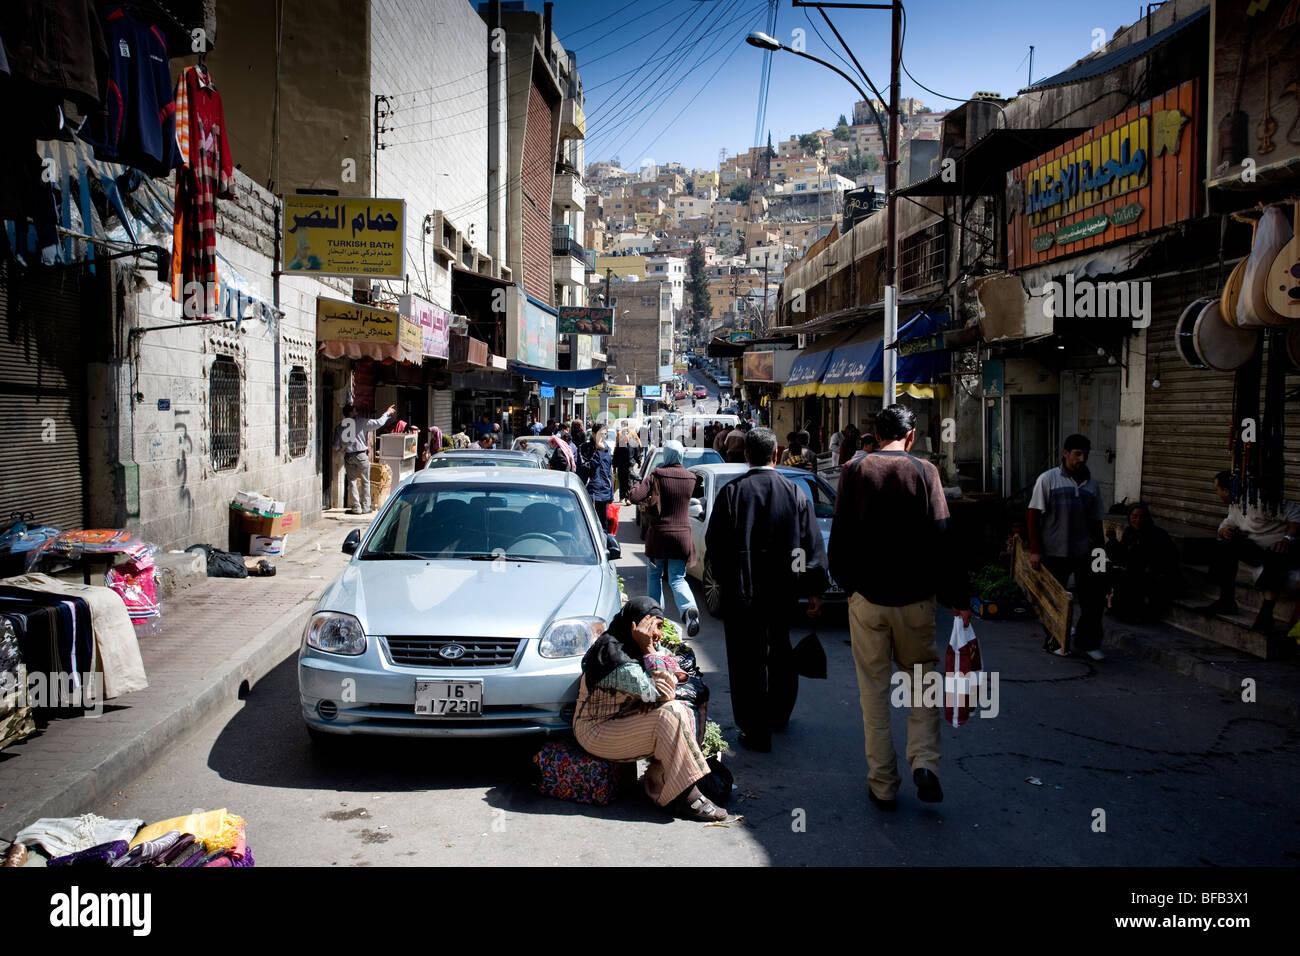 Side street markets, Downtown Amman, Jordan - Stock Image